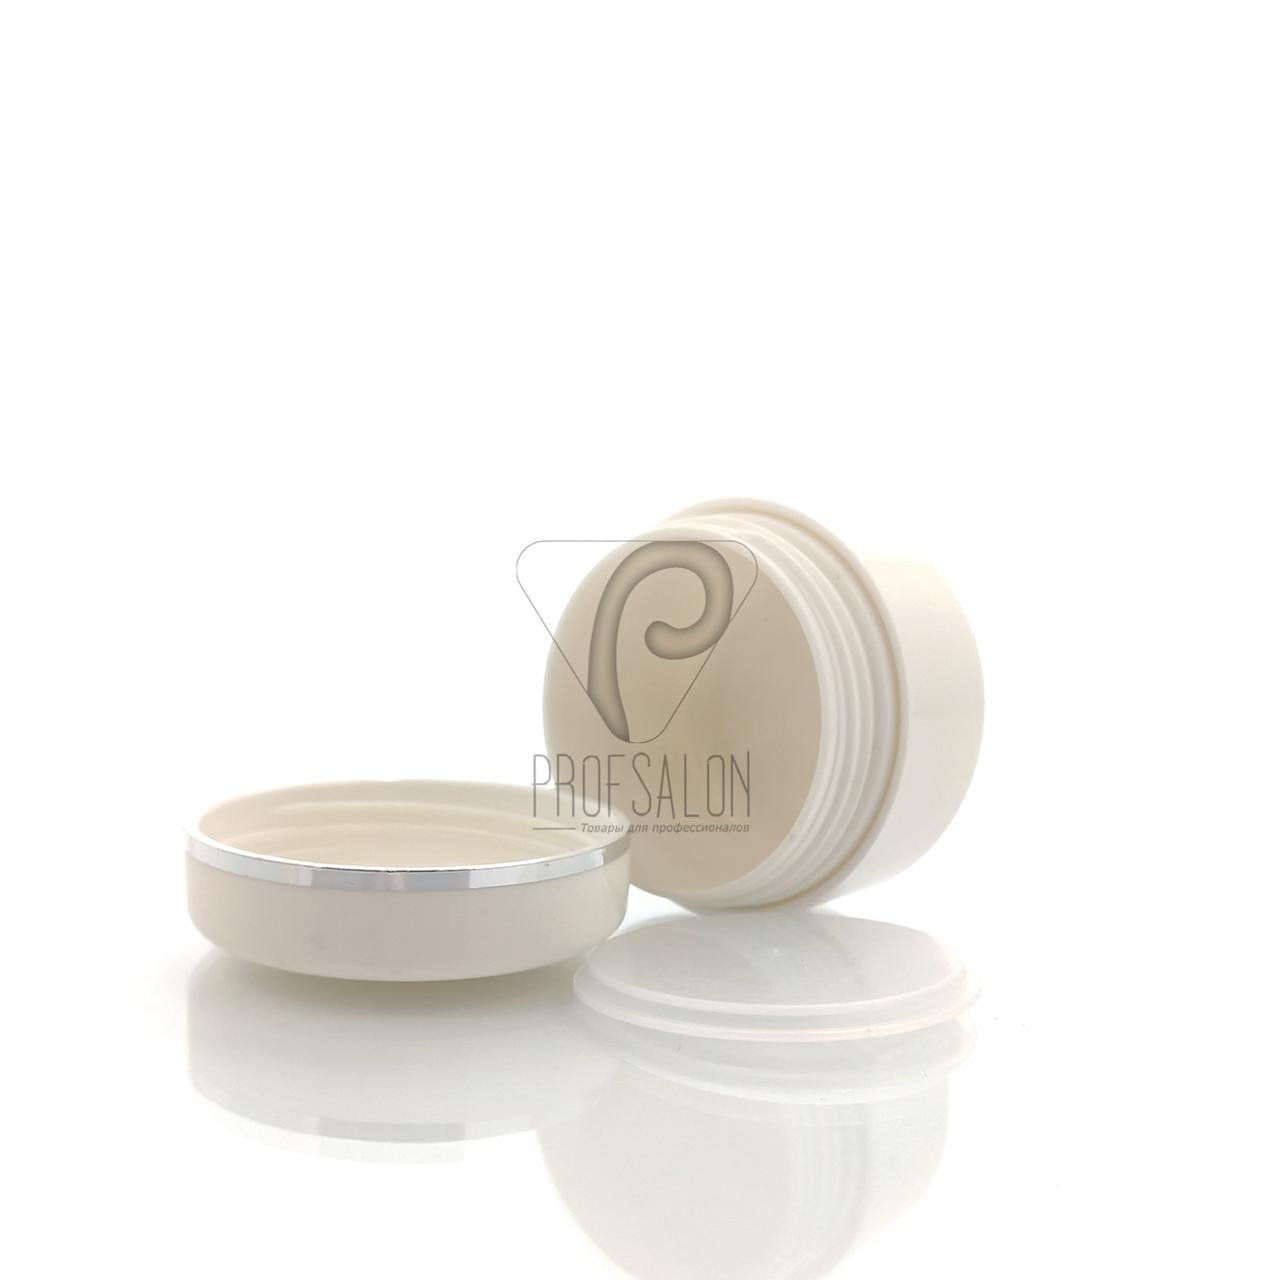 Баночки косметические с мембранной в пачке (3 шт/уп) Объем: 15 гр., цвет: белый